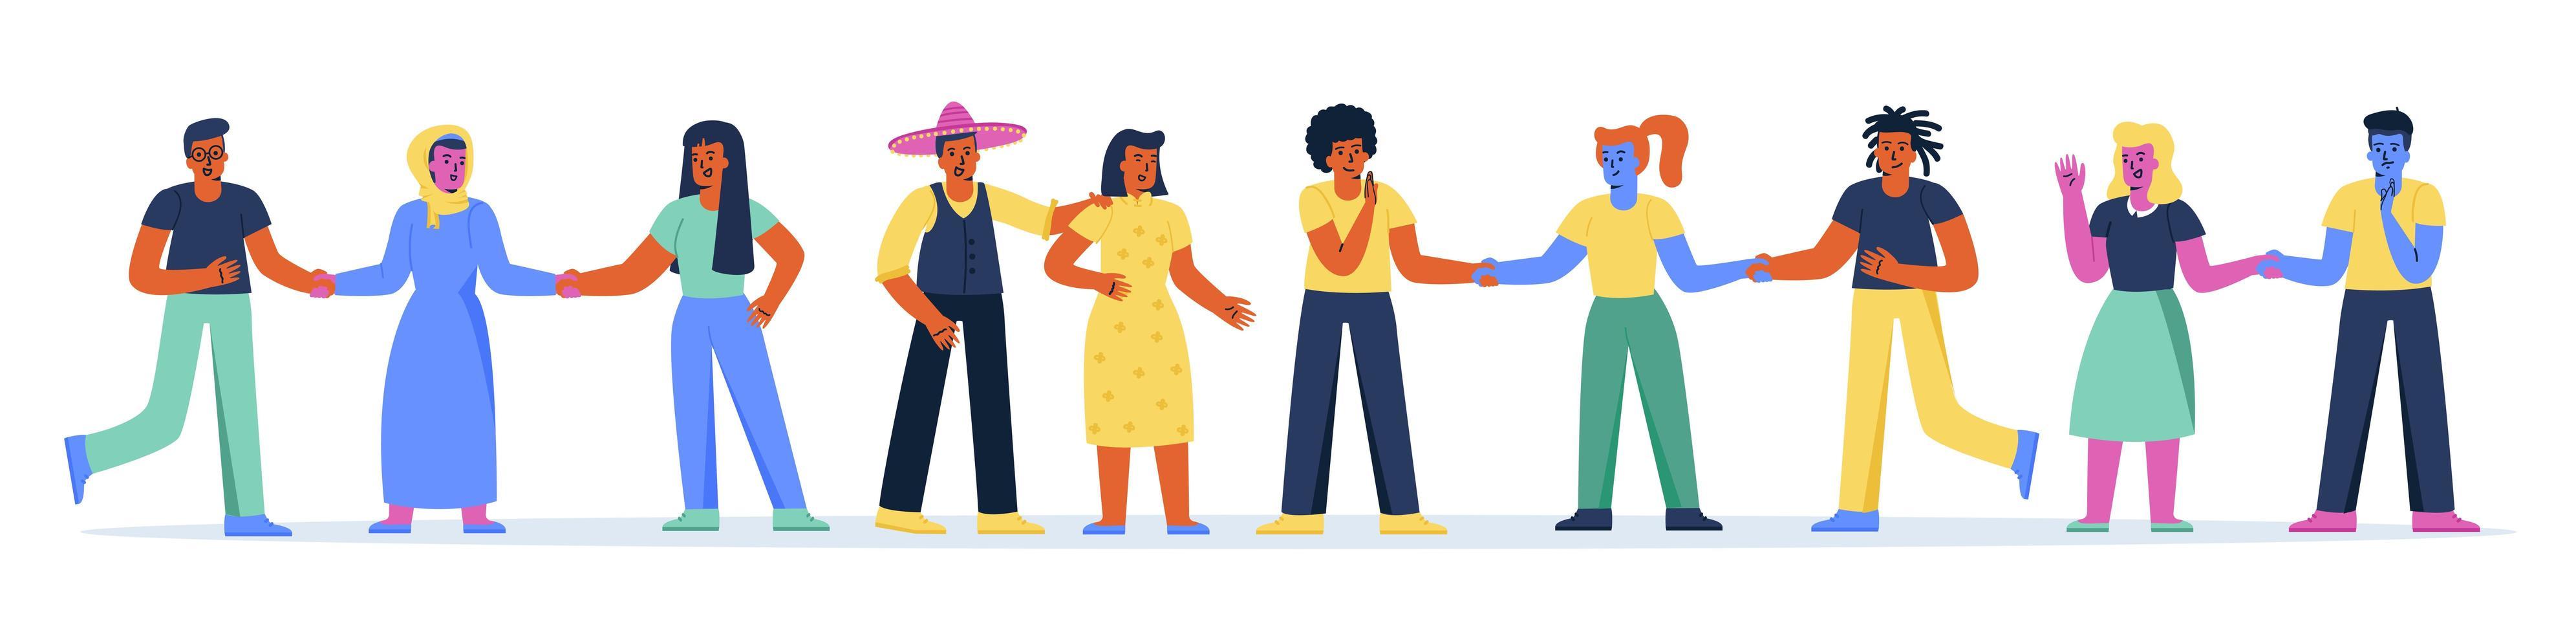 bannière horizontale avec groupe multiracial de personnes vecteur